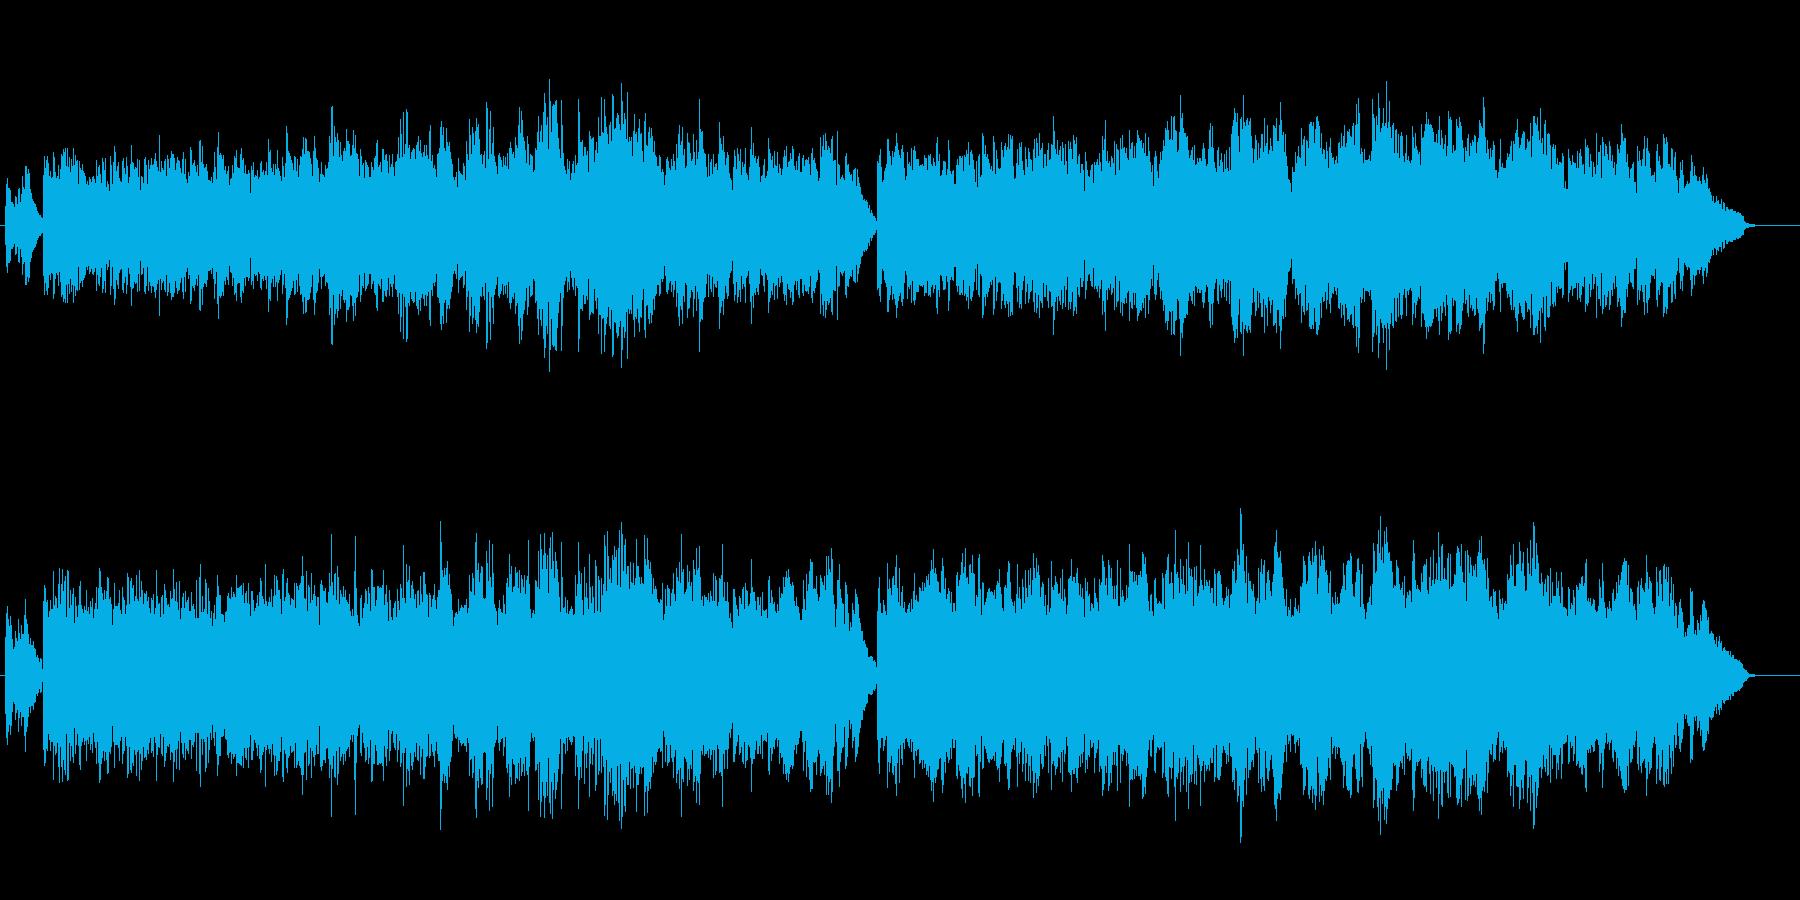 アルペジオが寂しげなメランコリックの再生済みの波形